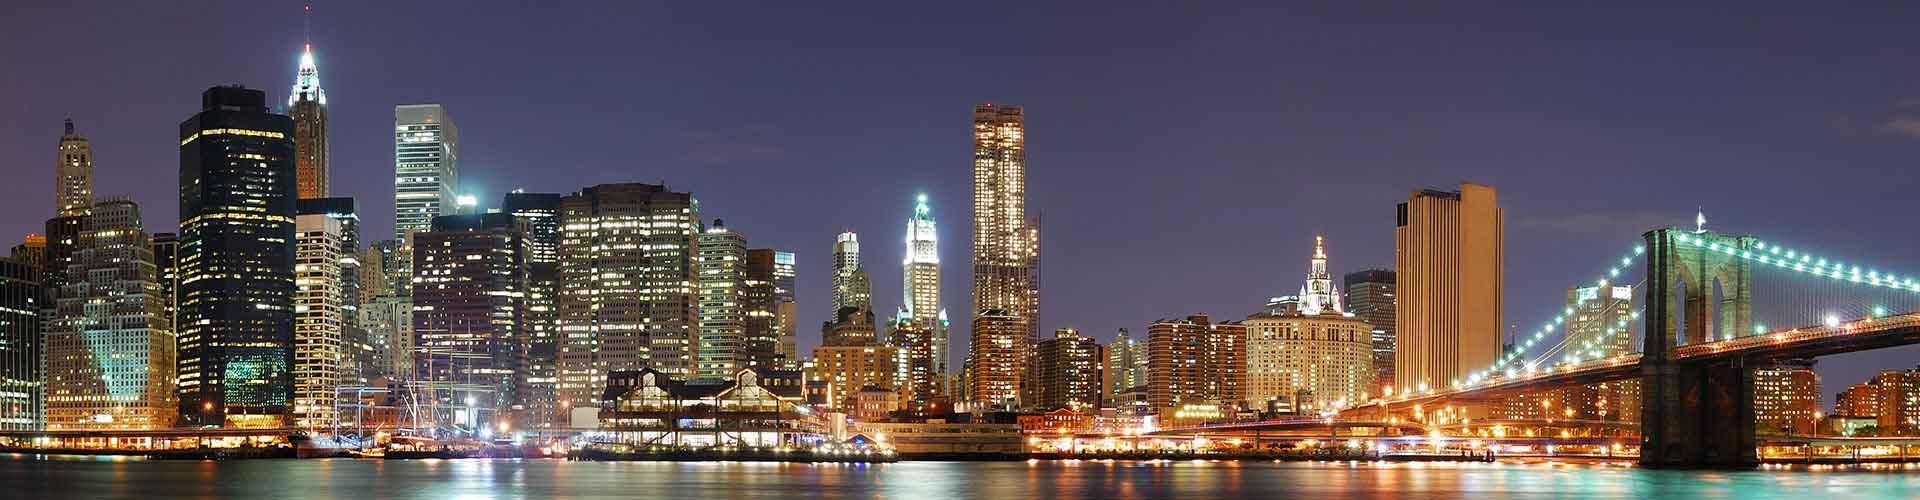 Nova Iorque – Hotéis em Nova Iorque. Mapas para Nova Iorque, Fotos e Avaliações para cada Hotel Nova Iorque.